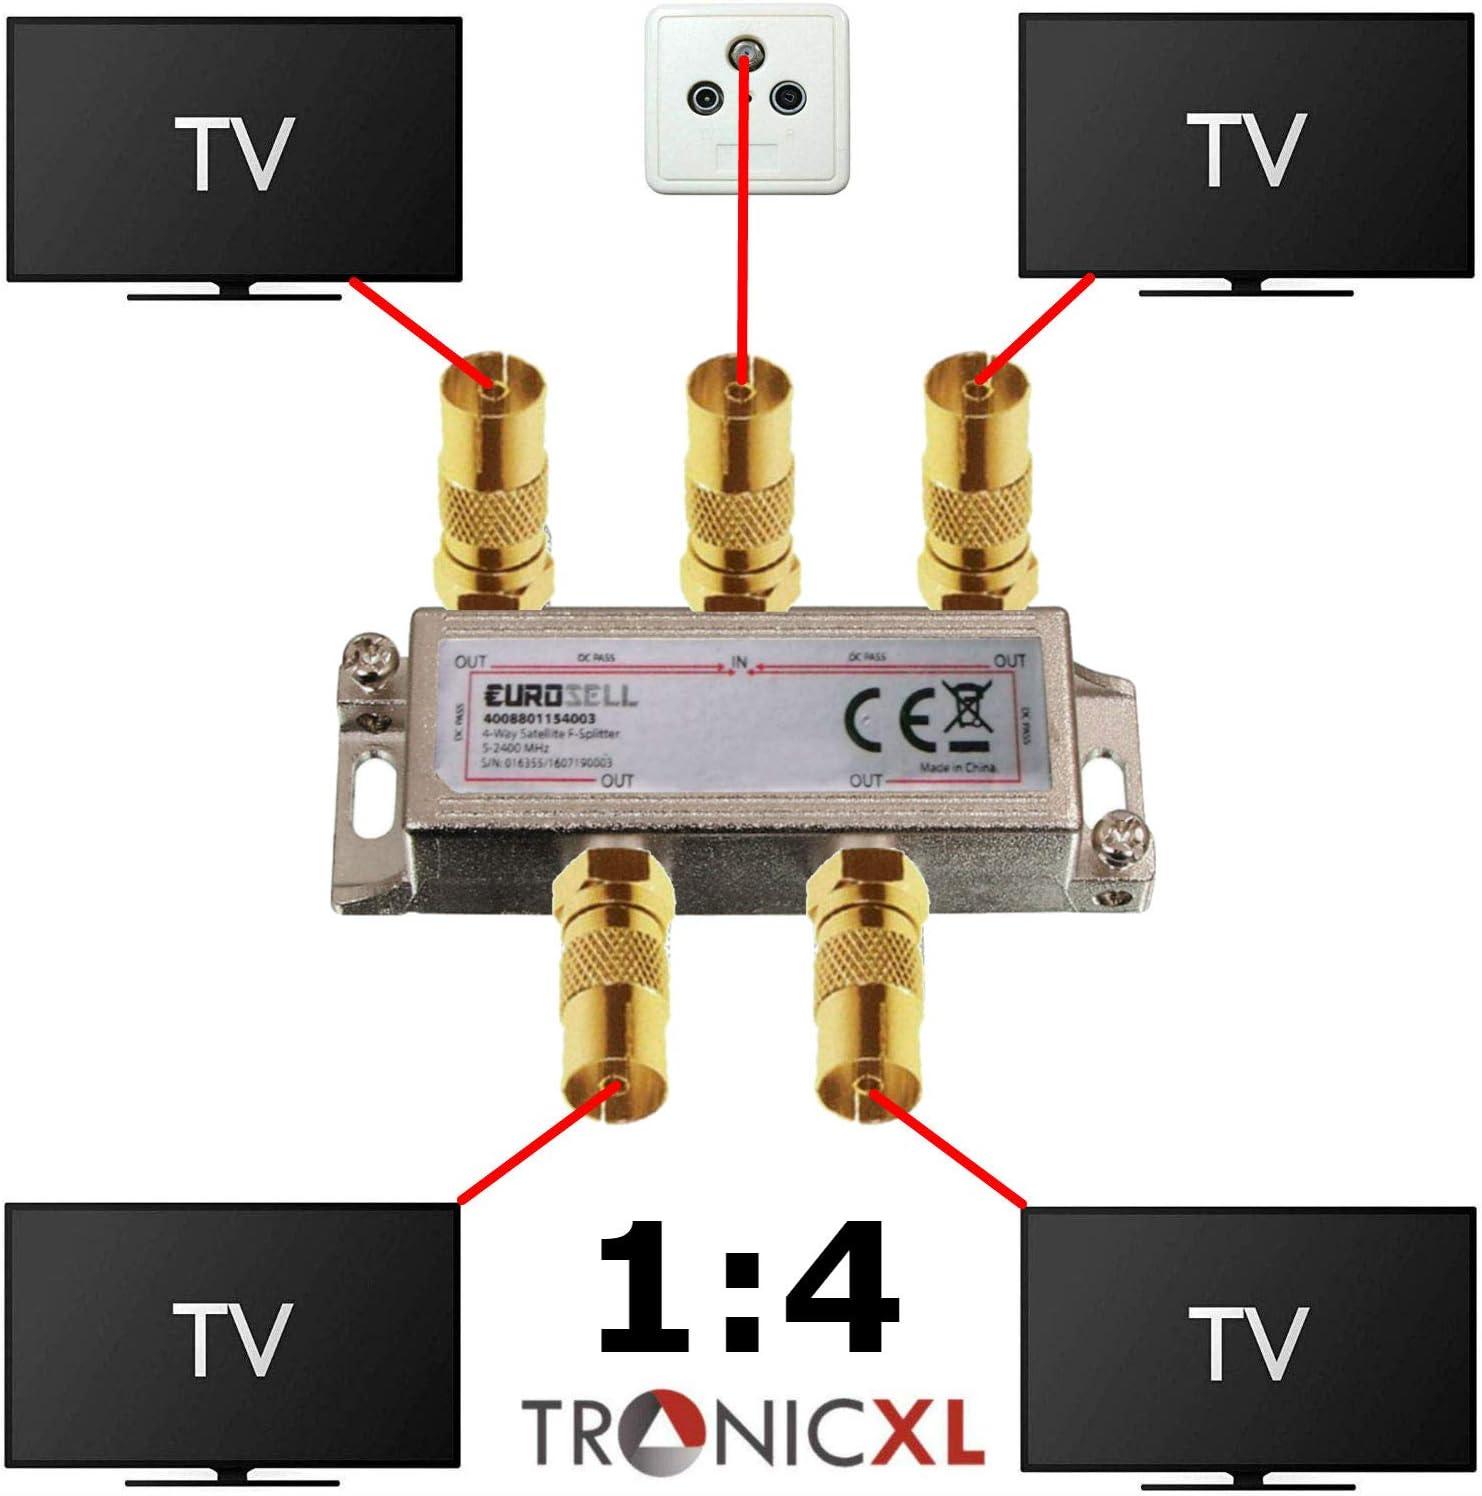 TronicXL televisi/ón por Cable DVBT2 Sat Cable Unitymedia Vodafone DVBC Unicable Distribuidor 4K HD 3D Divisor Suave para DVBT Distribuidor de Antena coaxial de 4 Fases